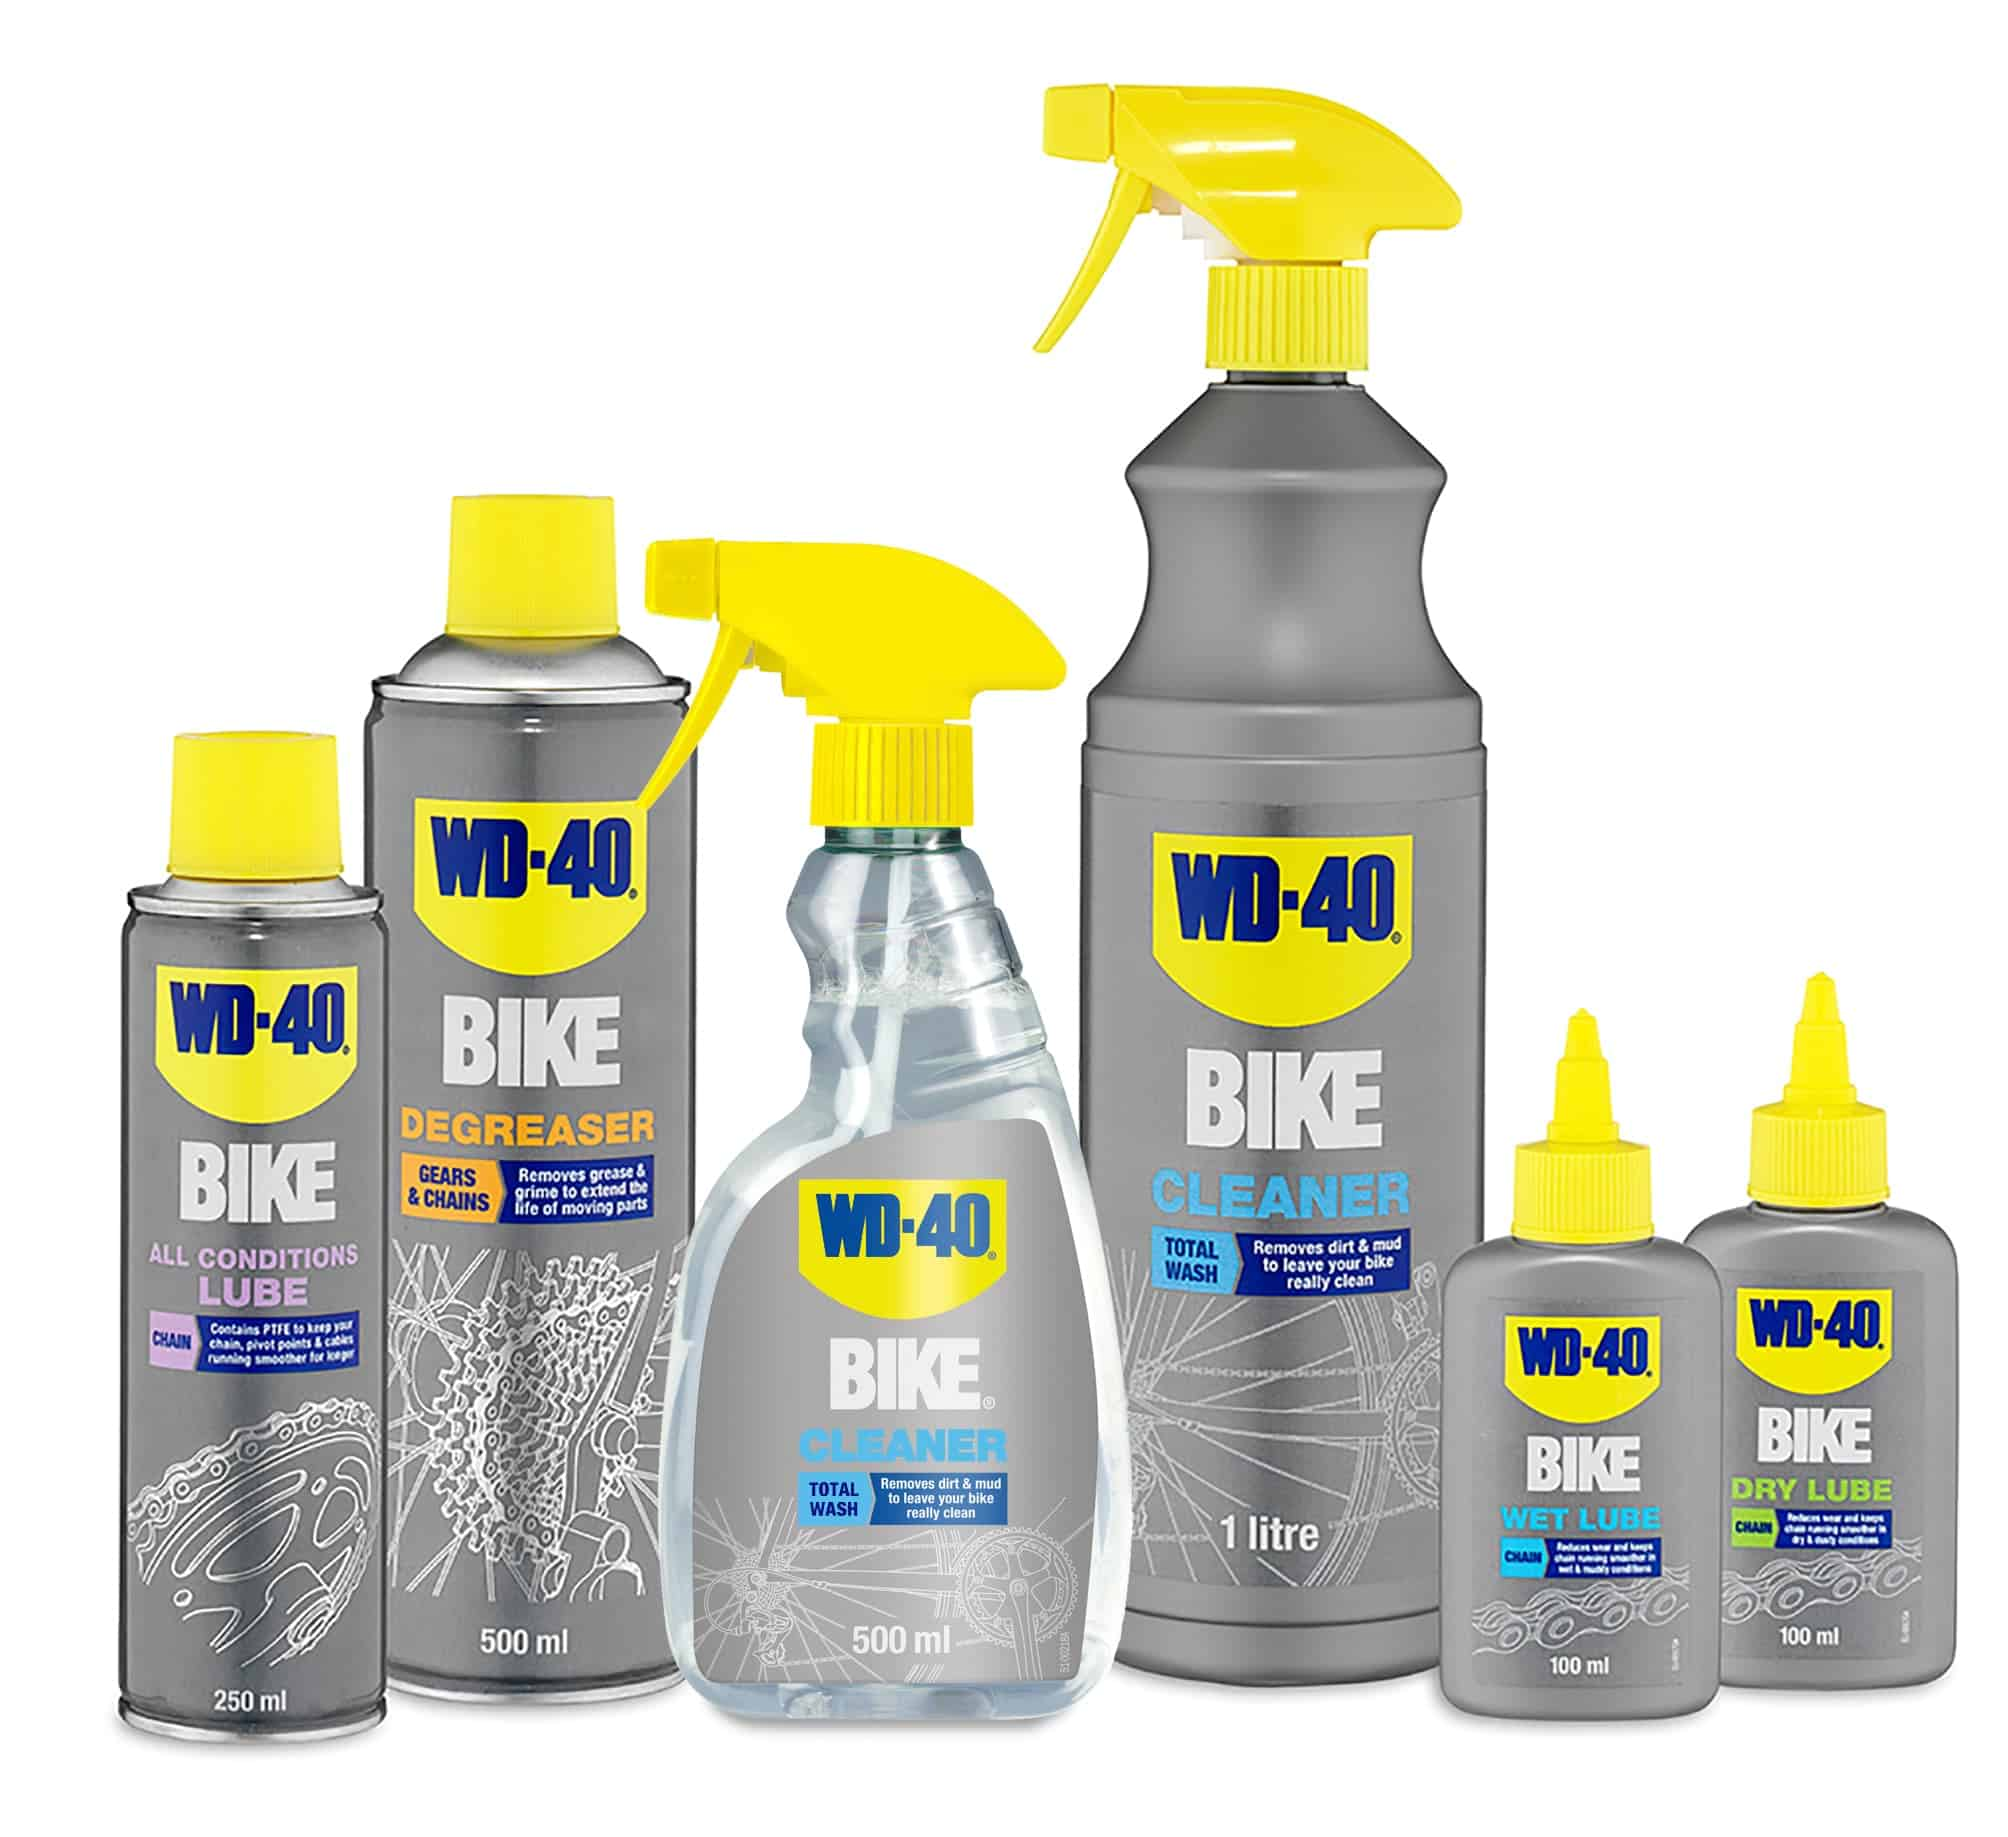 מוצרי WD40 לאופניים והשימושים שלהם